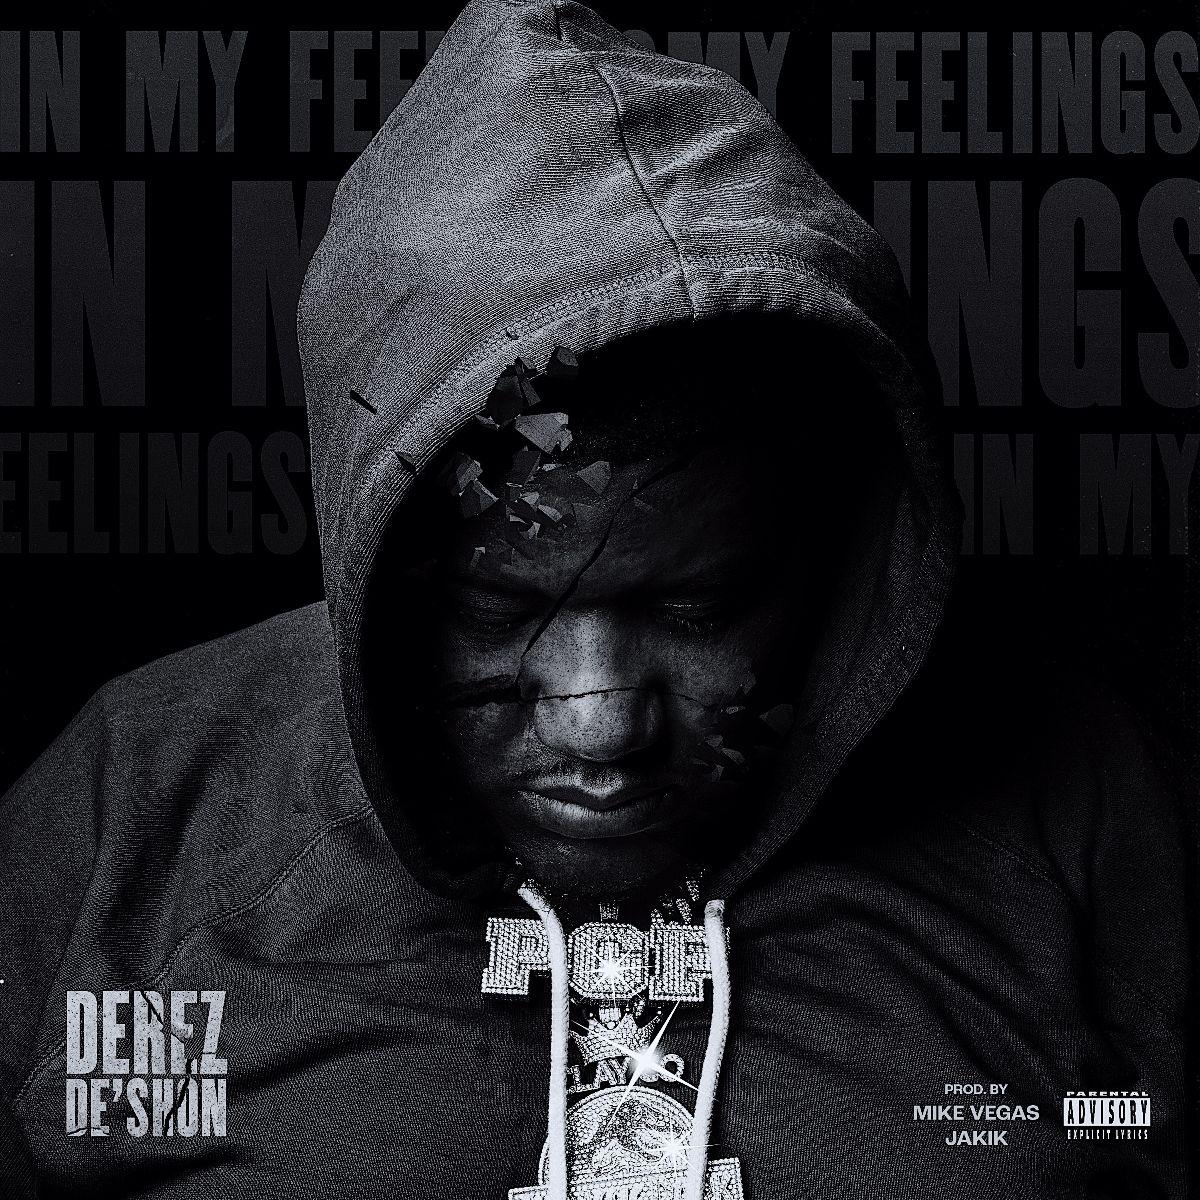 """DEREZ DE'SHON RETURNS WITH NEW VIDEO SINGLE """"IN MY FEELINGS"""""""